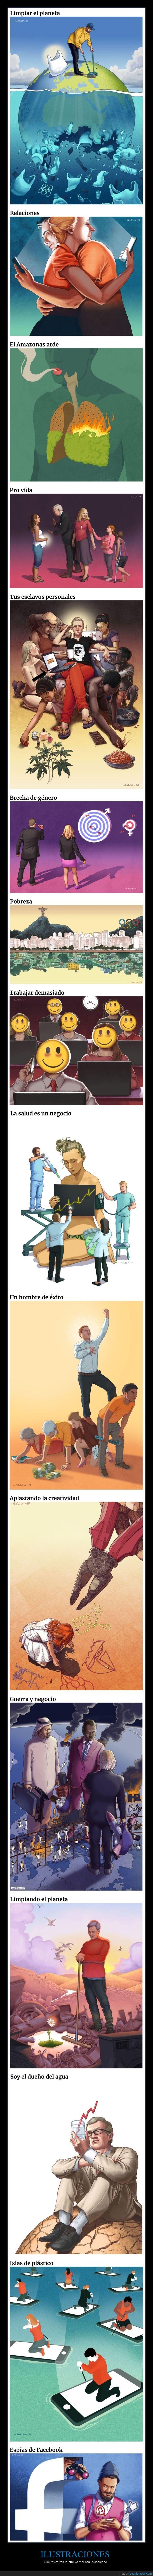 ilustraciones,problemas,sociedad